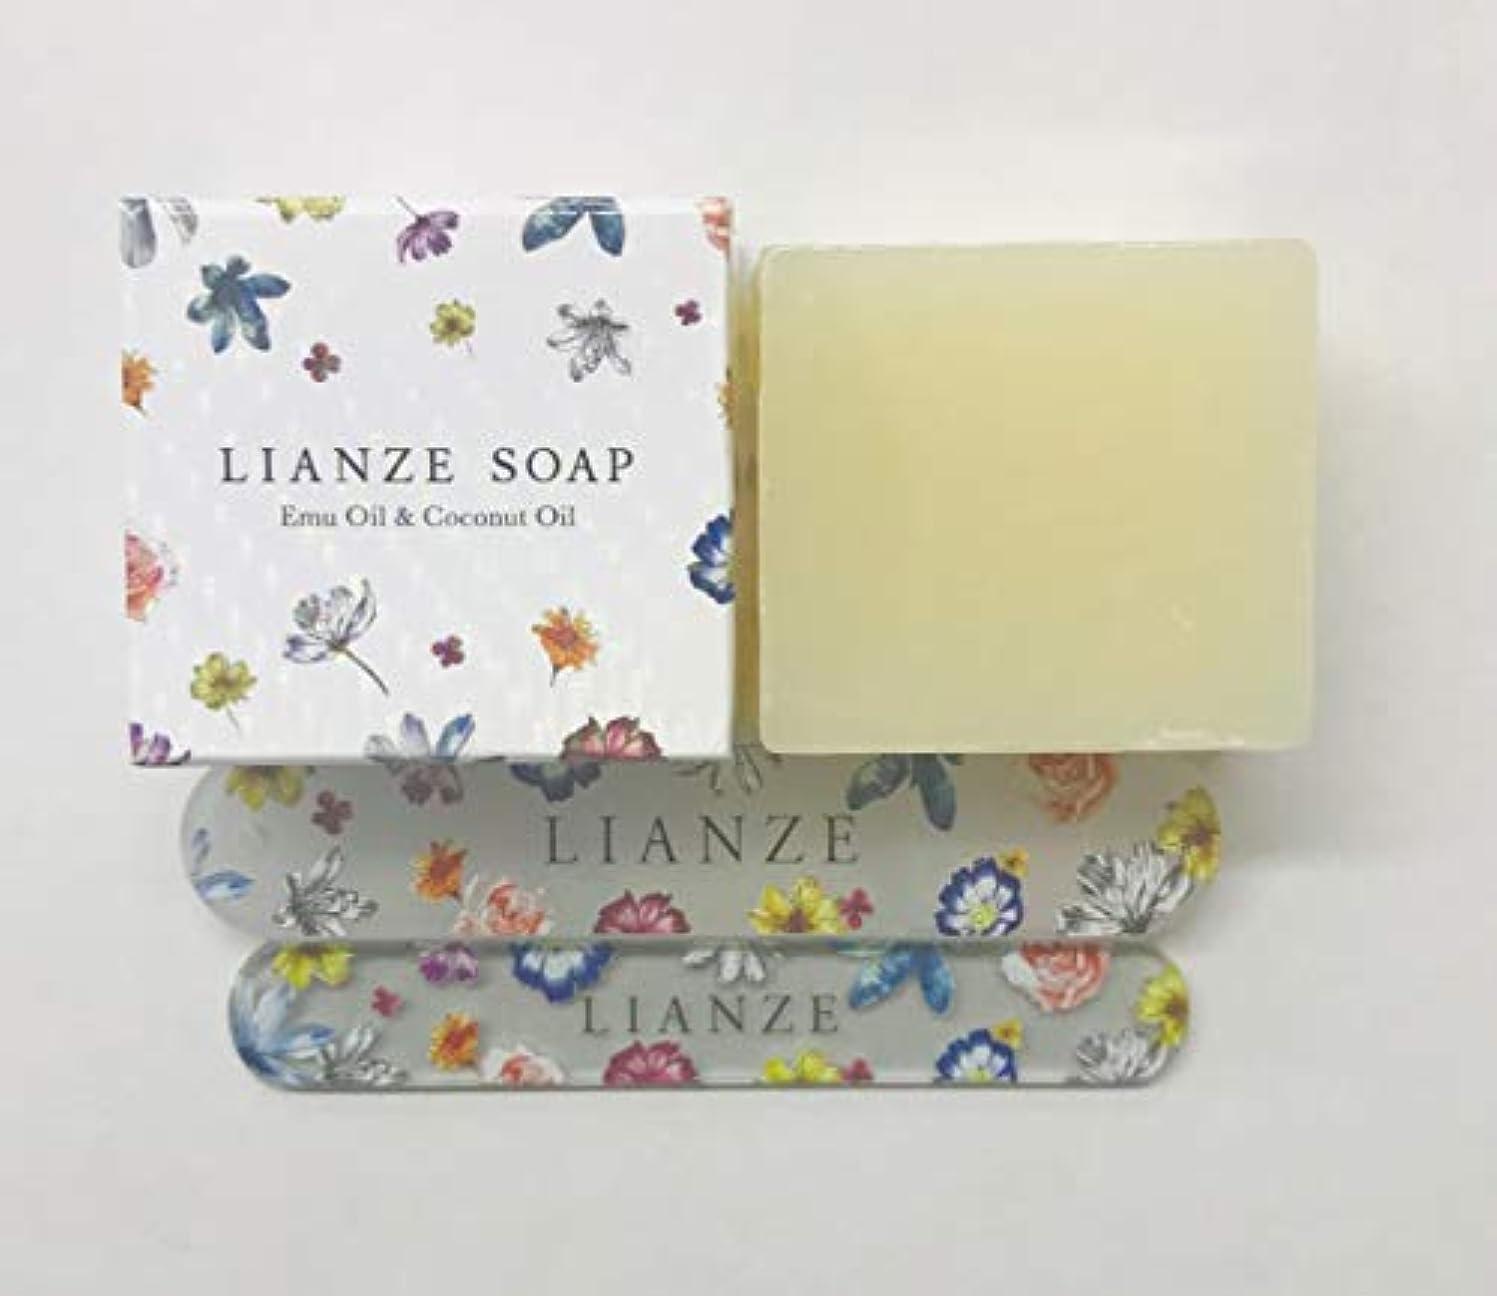 すぐに透けて見える貴重なギフト プレゼント [ LIANZE ギフトセット ] 洗顔 石鹸 爪磨き